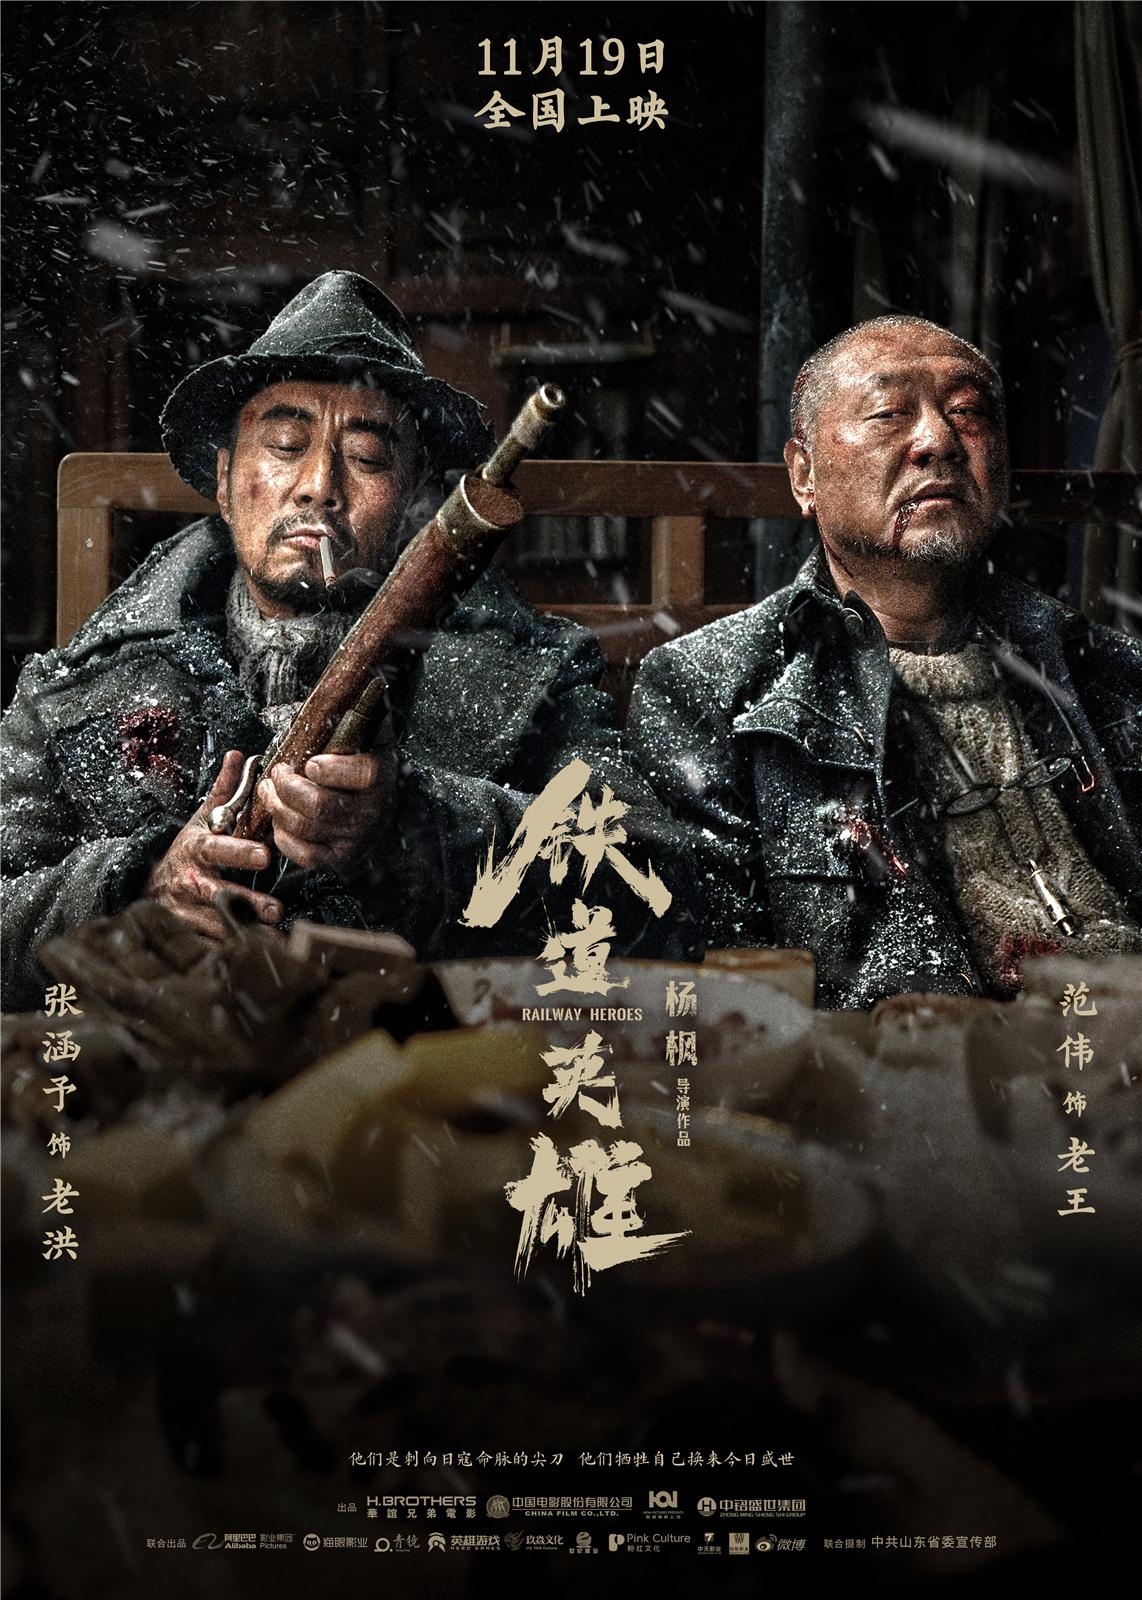 《铁道英雄》定档11月19日 张涵予范伟领衔